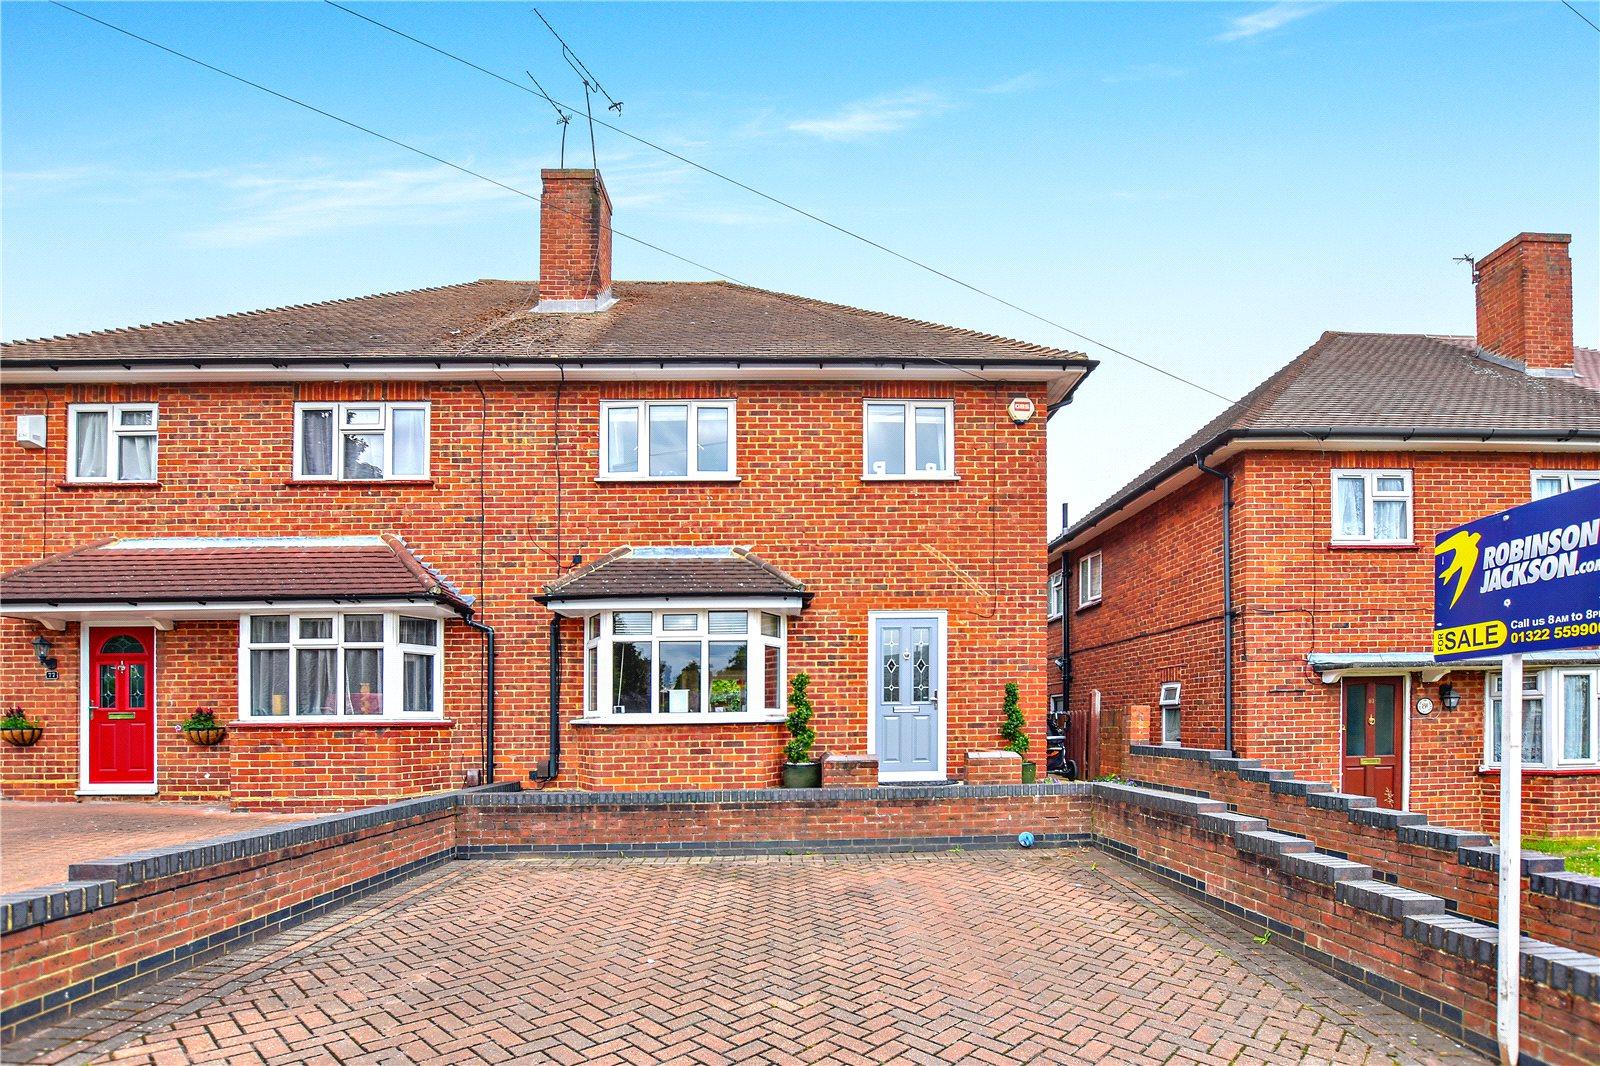 Hall Place Crescent, Bexley, Kent, DA5